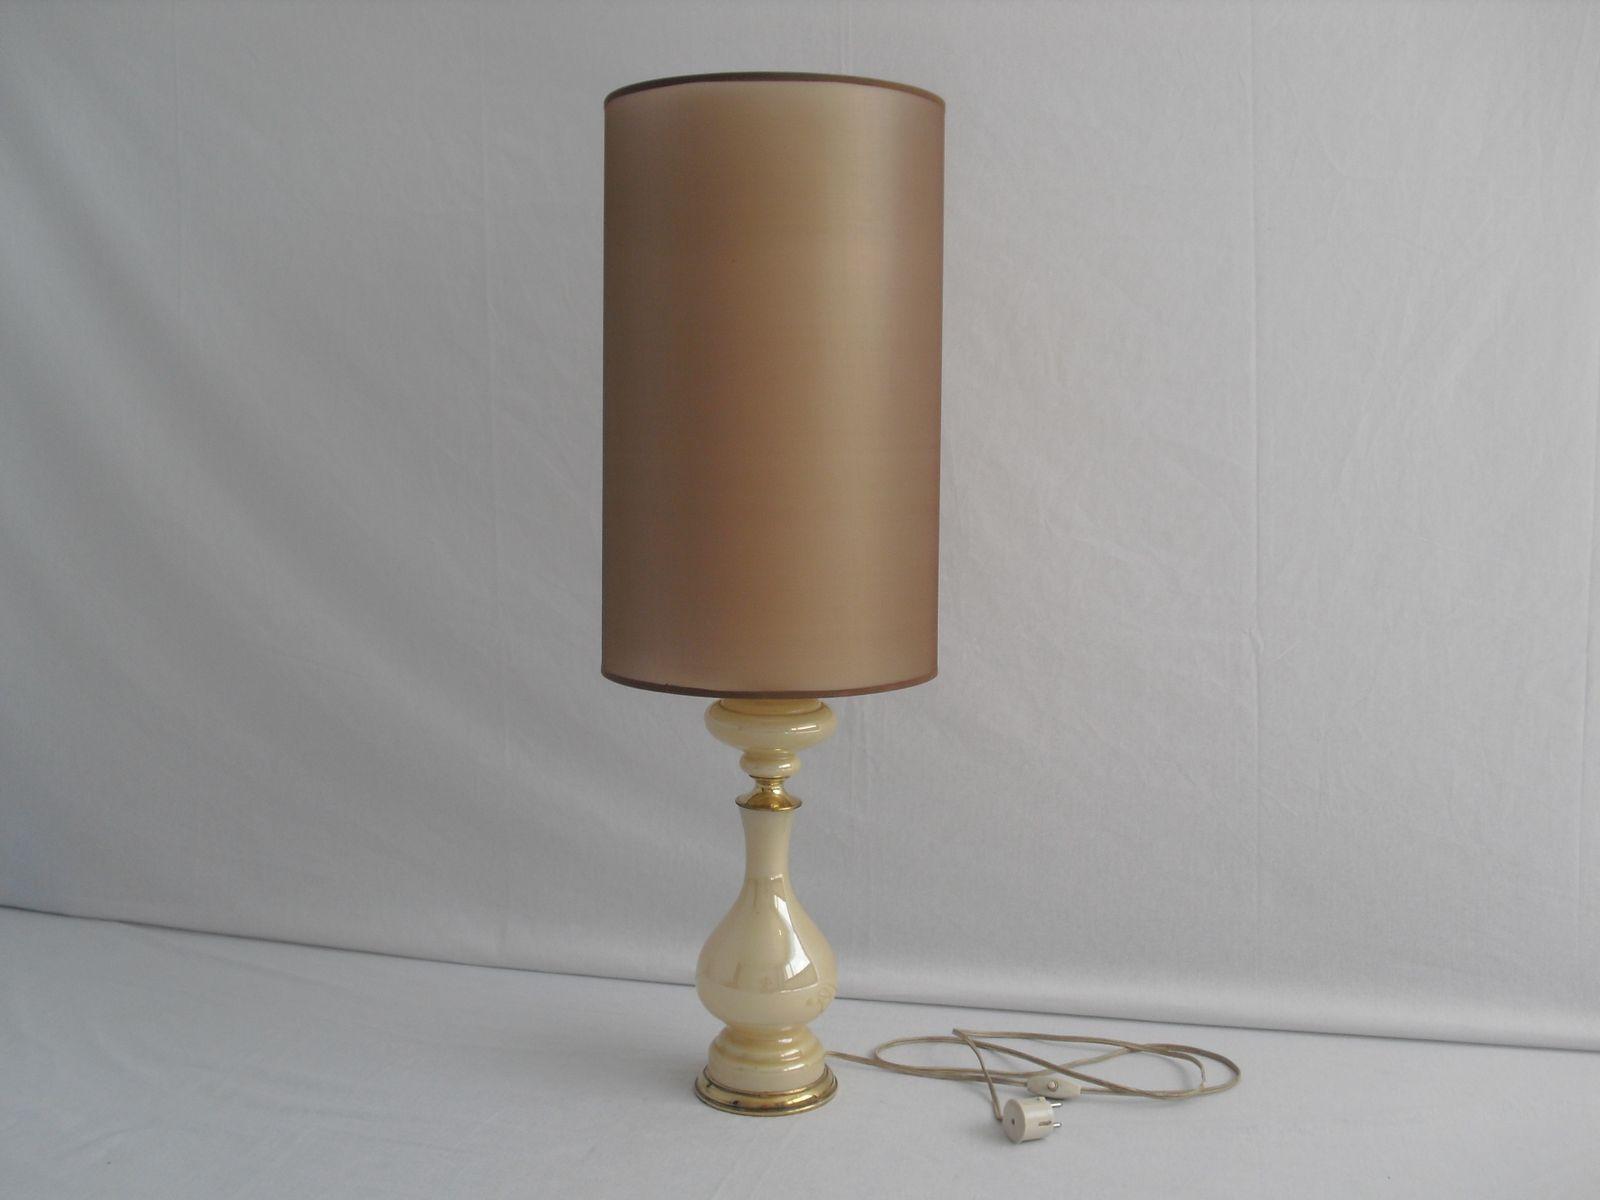 Vintage Glas Tischlampe mit Messing-Verzierungen